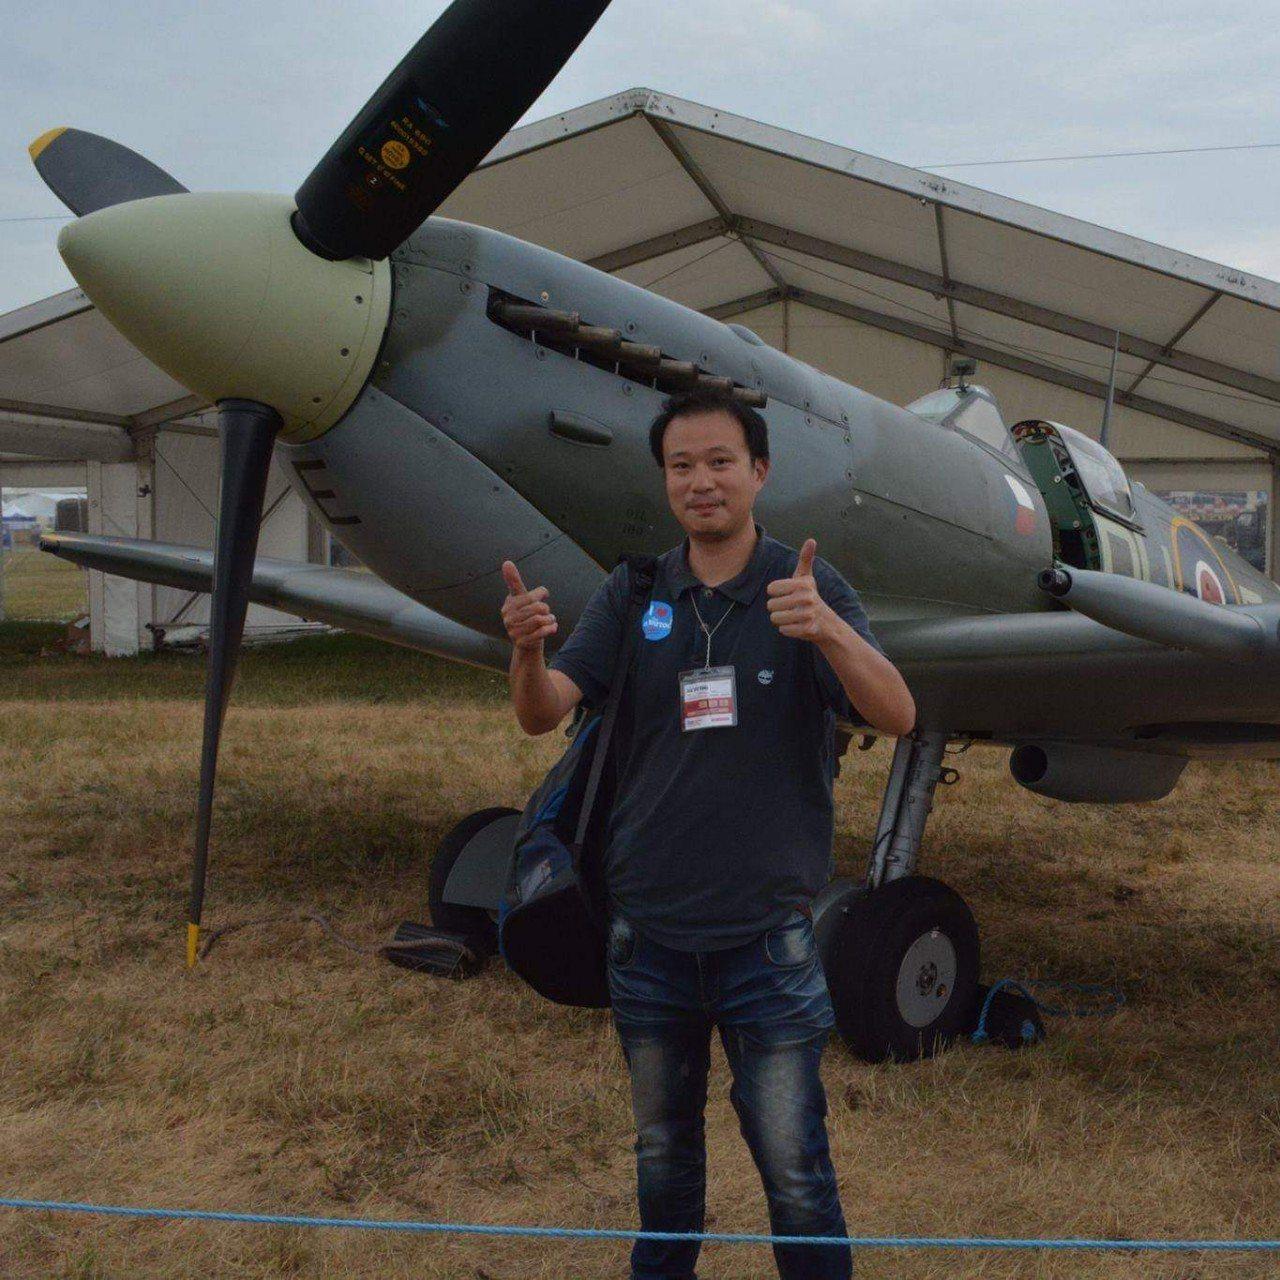 世界民航雜誌採訪編輯許劍虹去年到英國,與噴火式戰機合影。圖/許劍虹提供